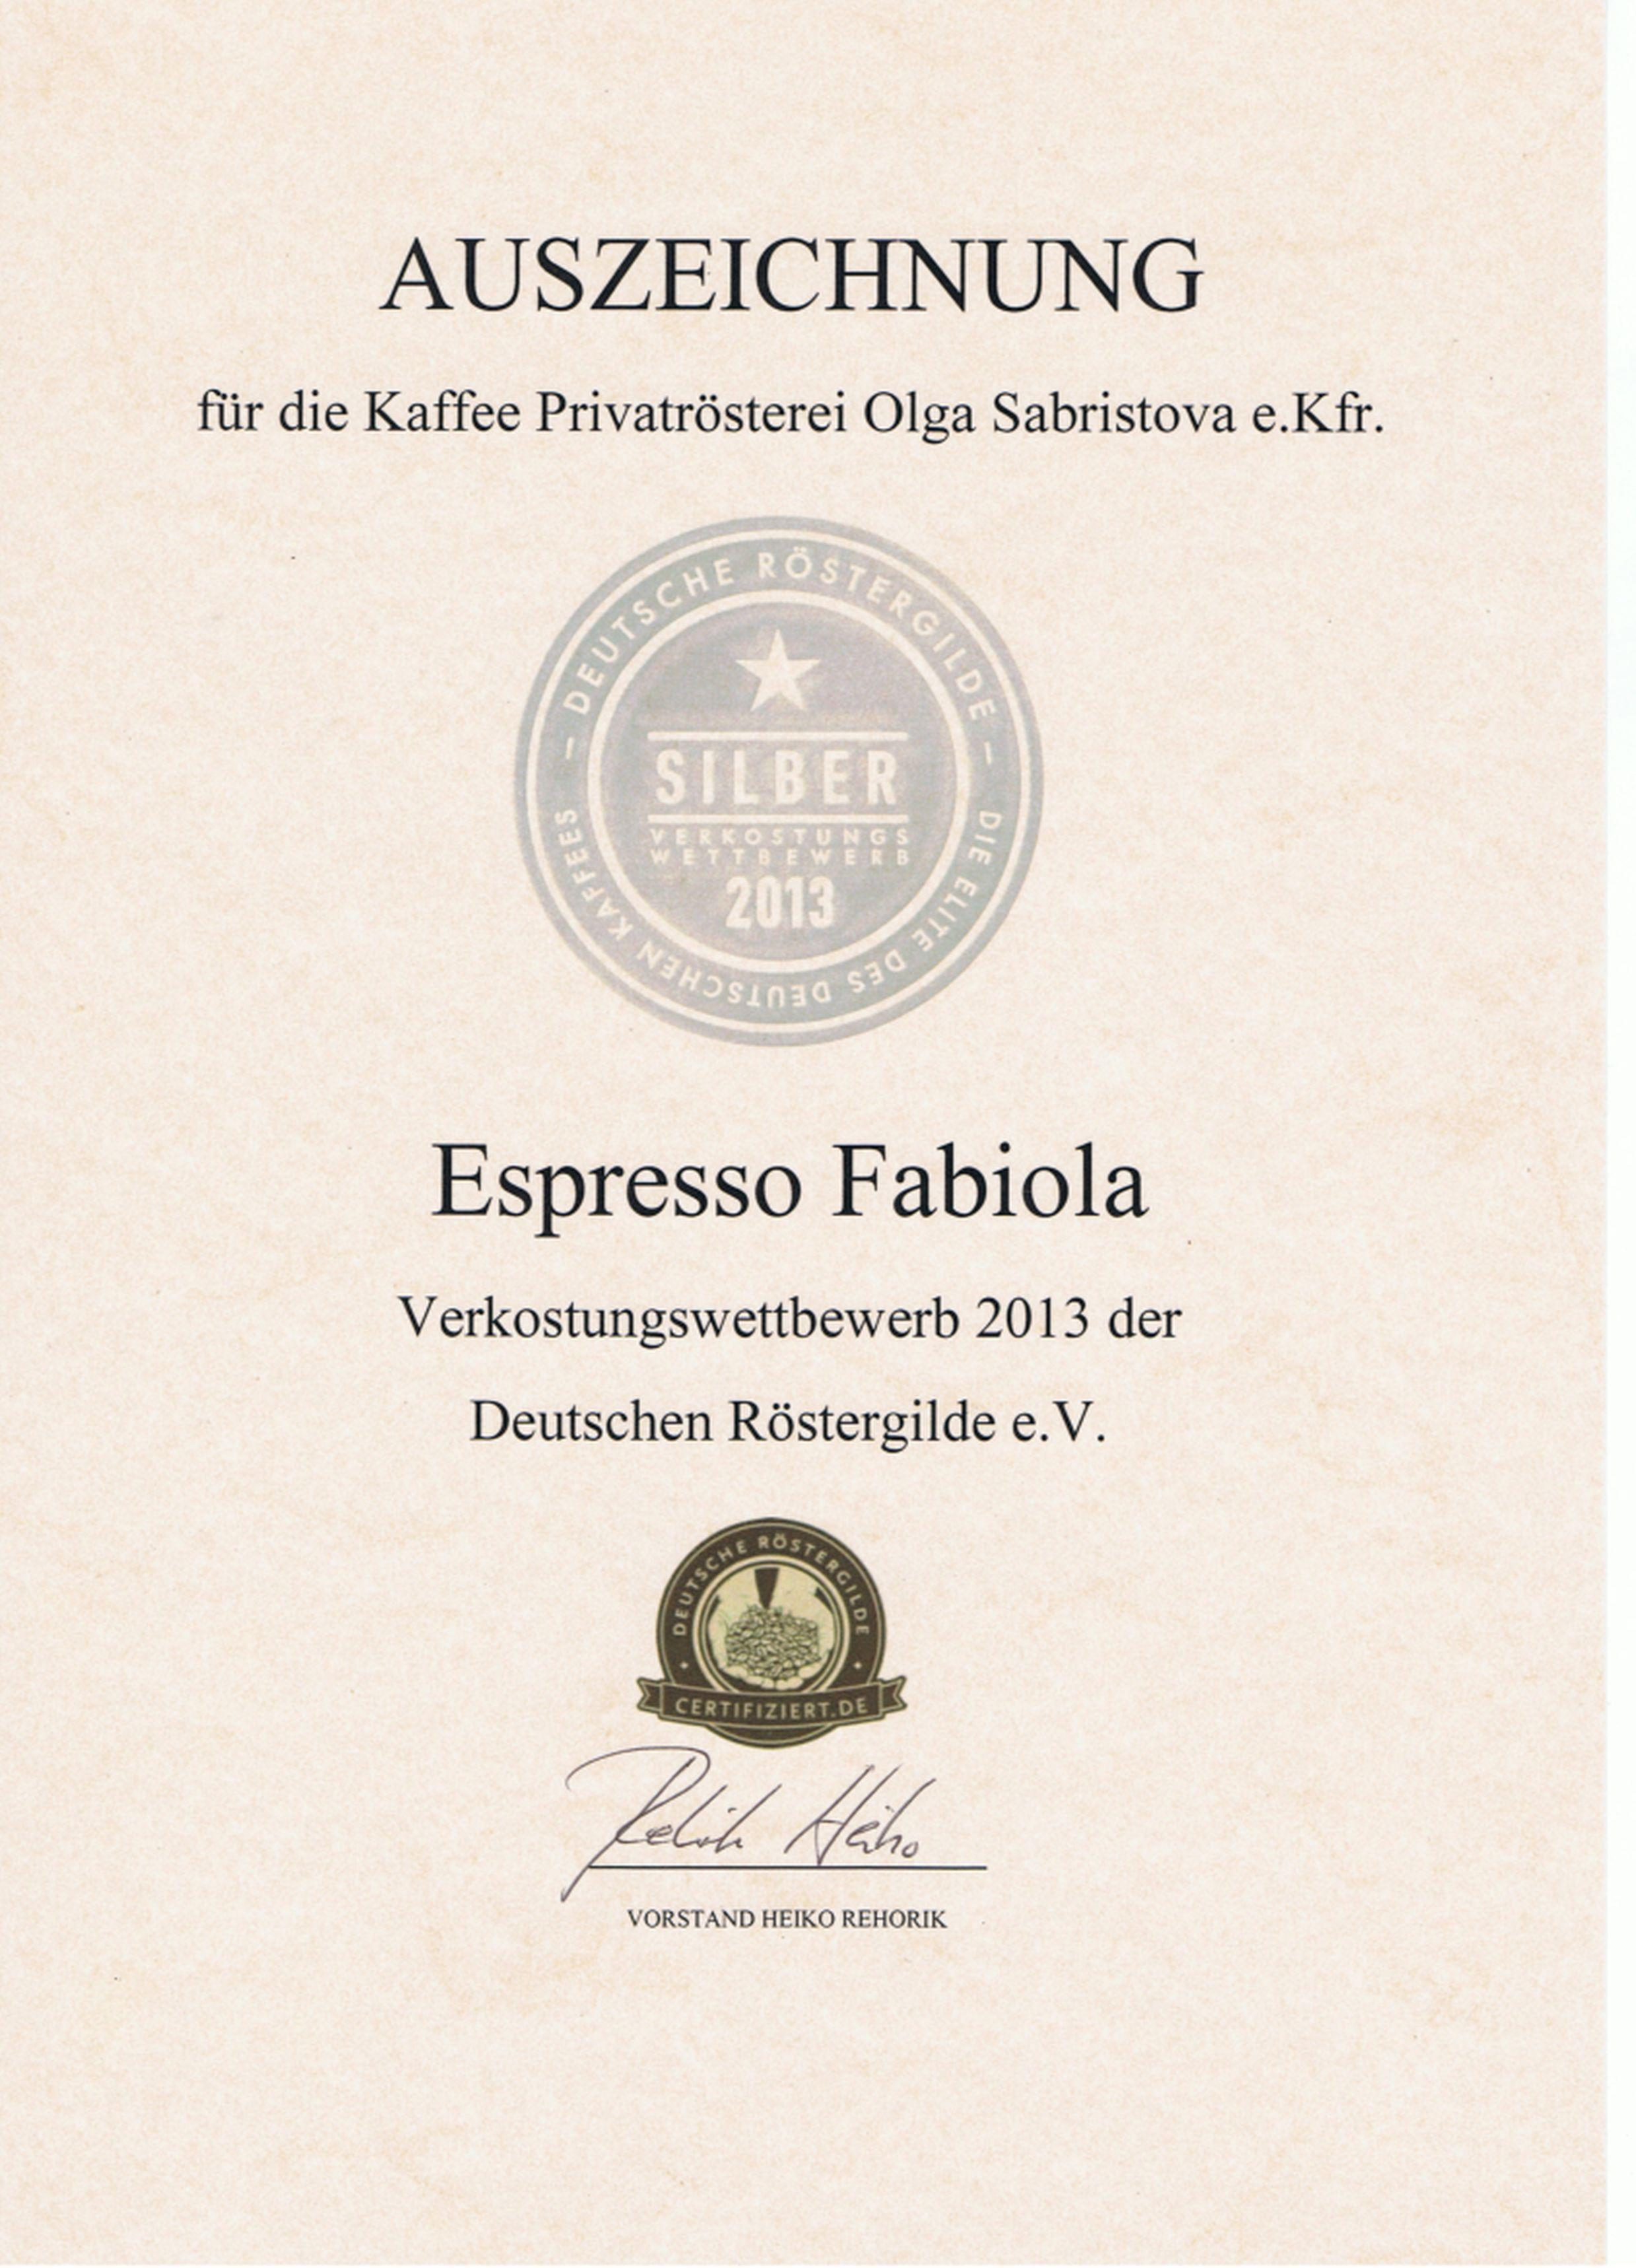 Silbermedaille für Espresso Fabiola beim Verkostungswettbewerb 2013